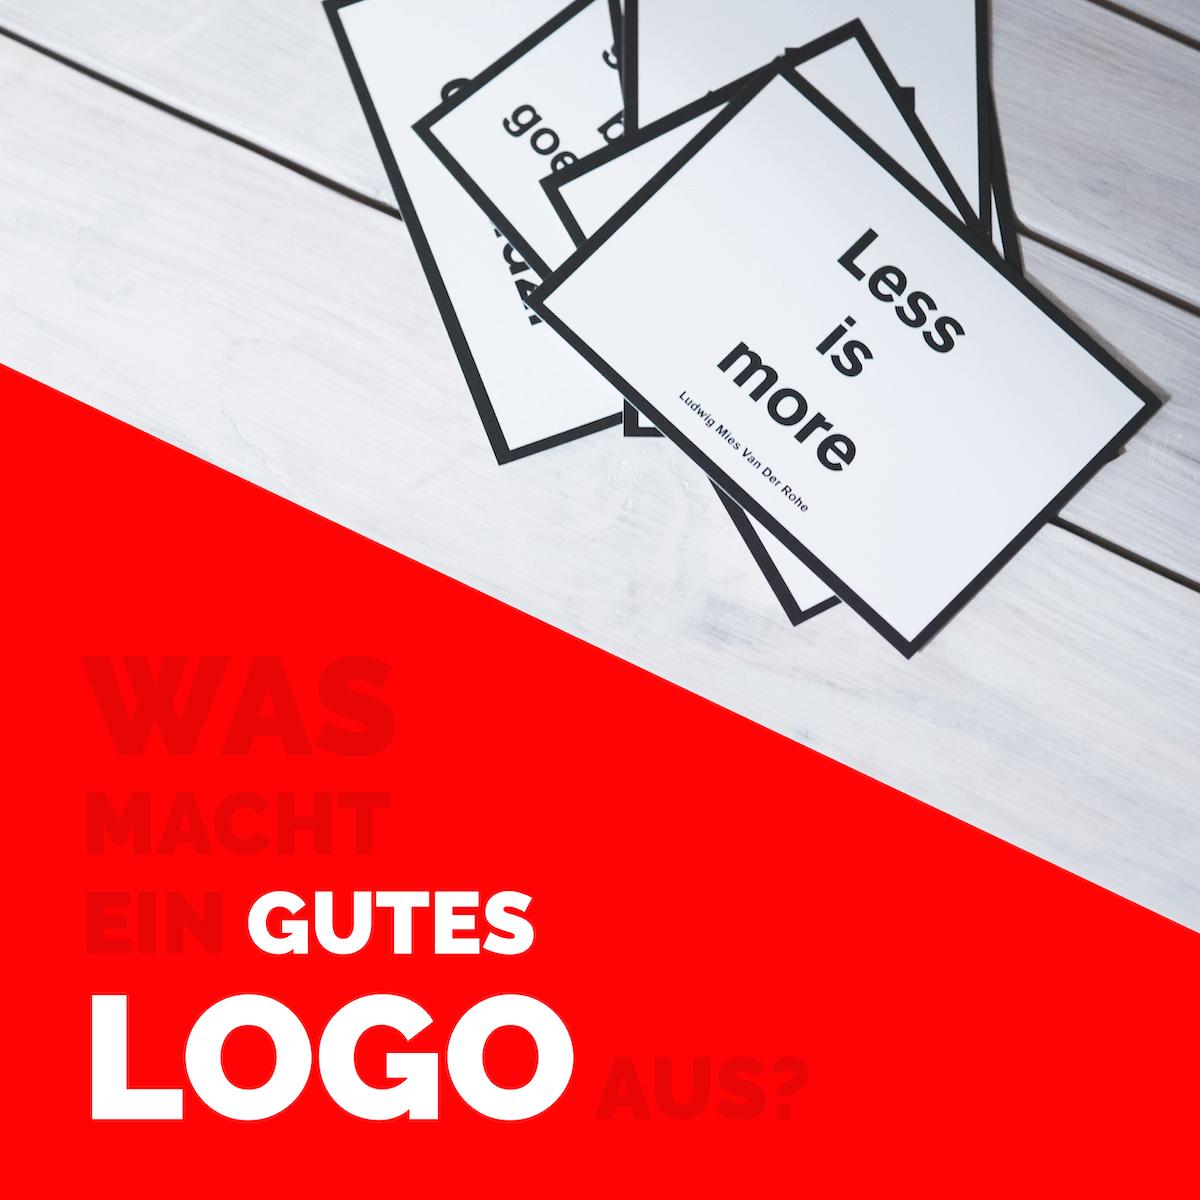 geschmacksRaum_WERBEAGENTUR_Was_macht_ein_gutes_Logo_aus-t